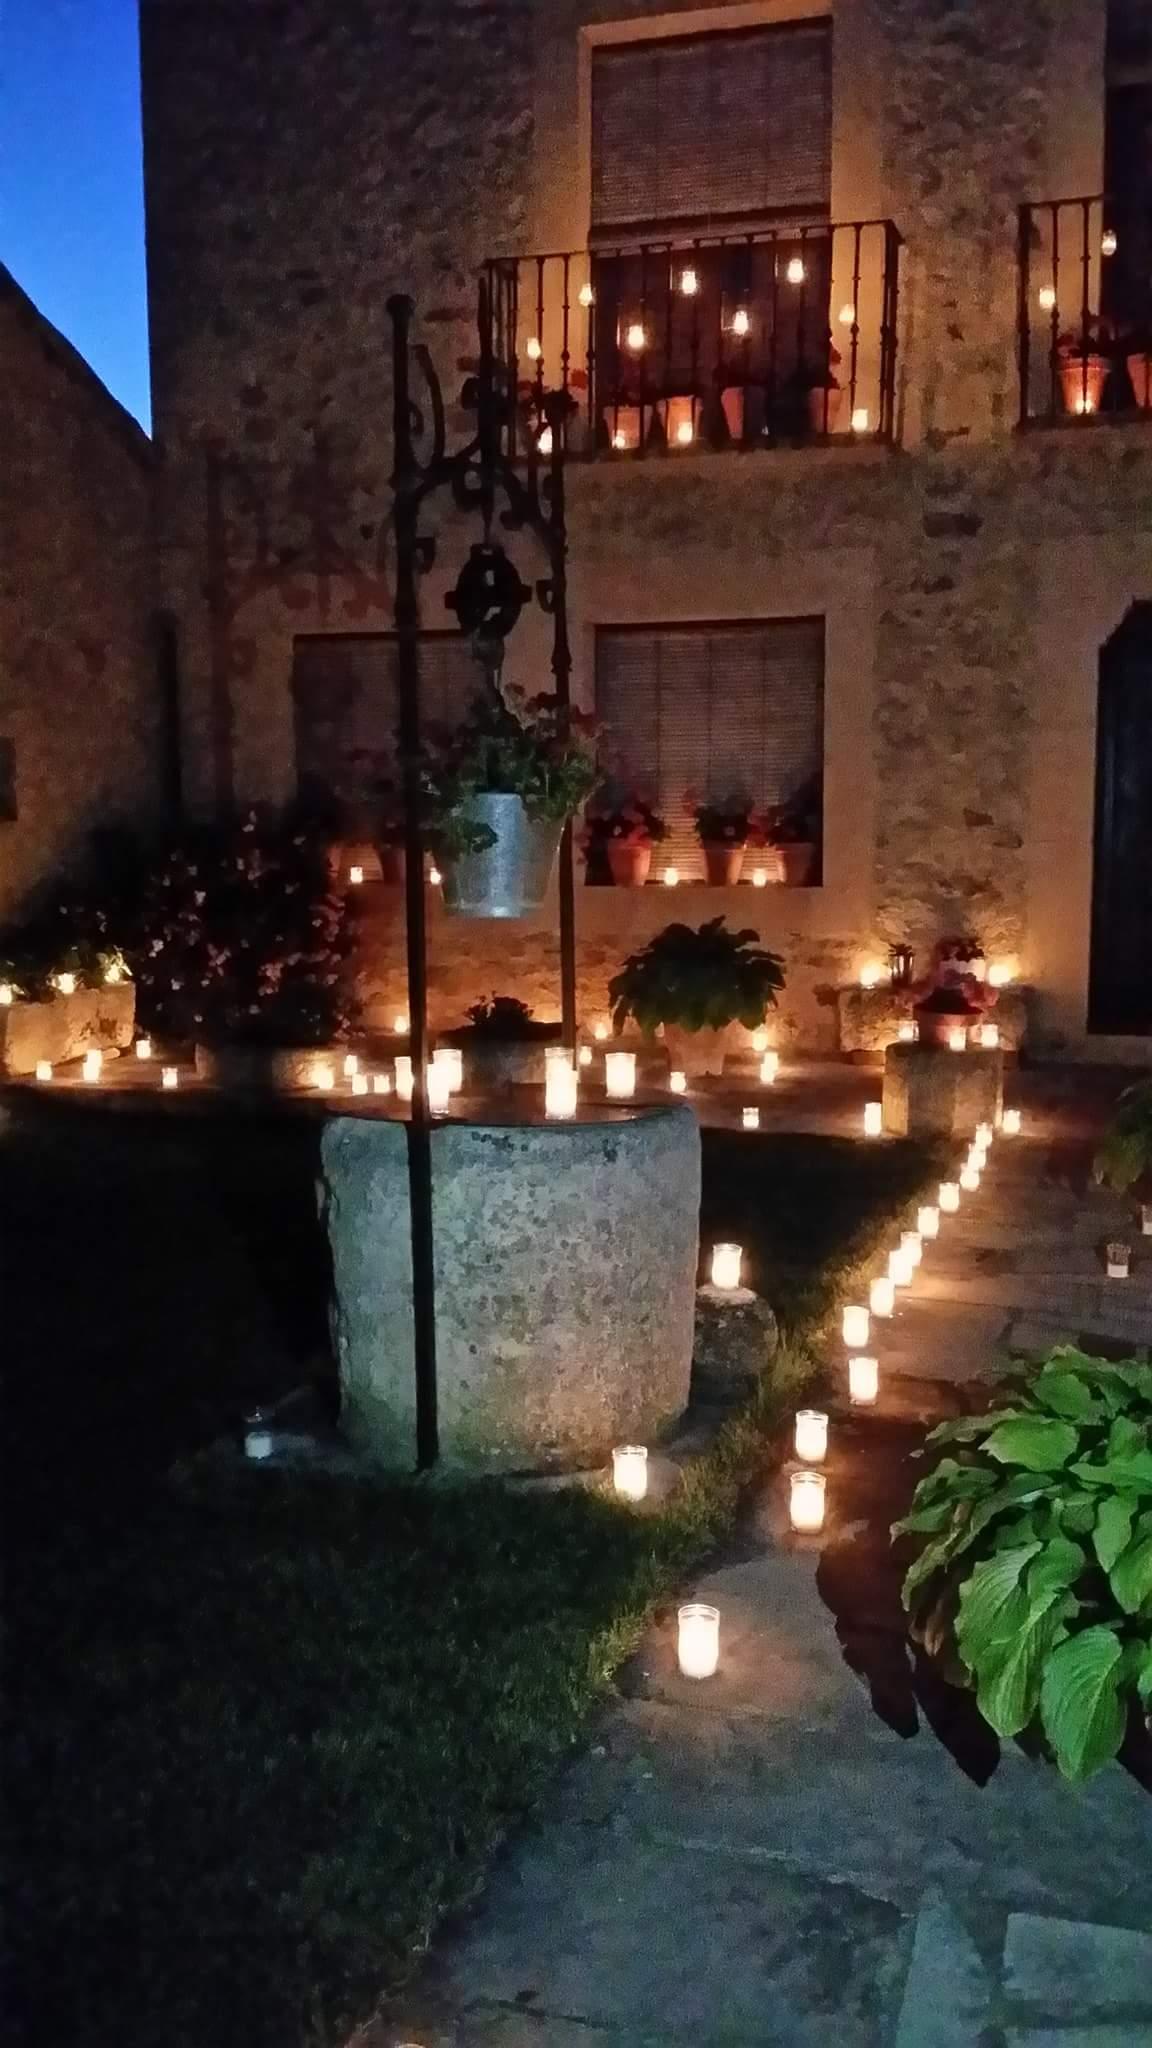 XXVII Conciertos de las velas de Pedraza 2018.